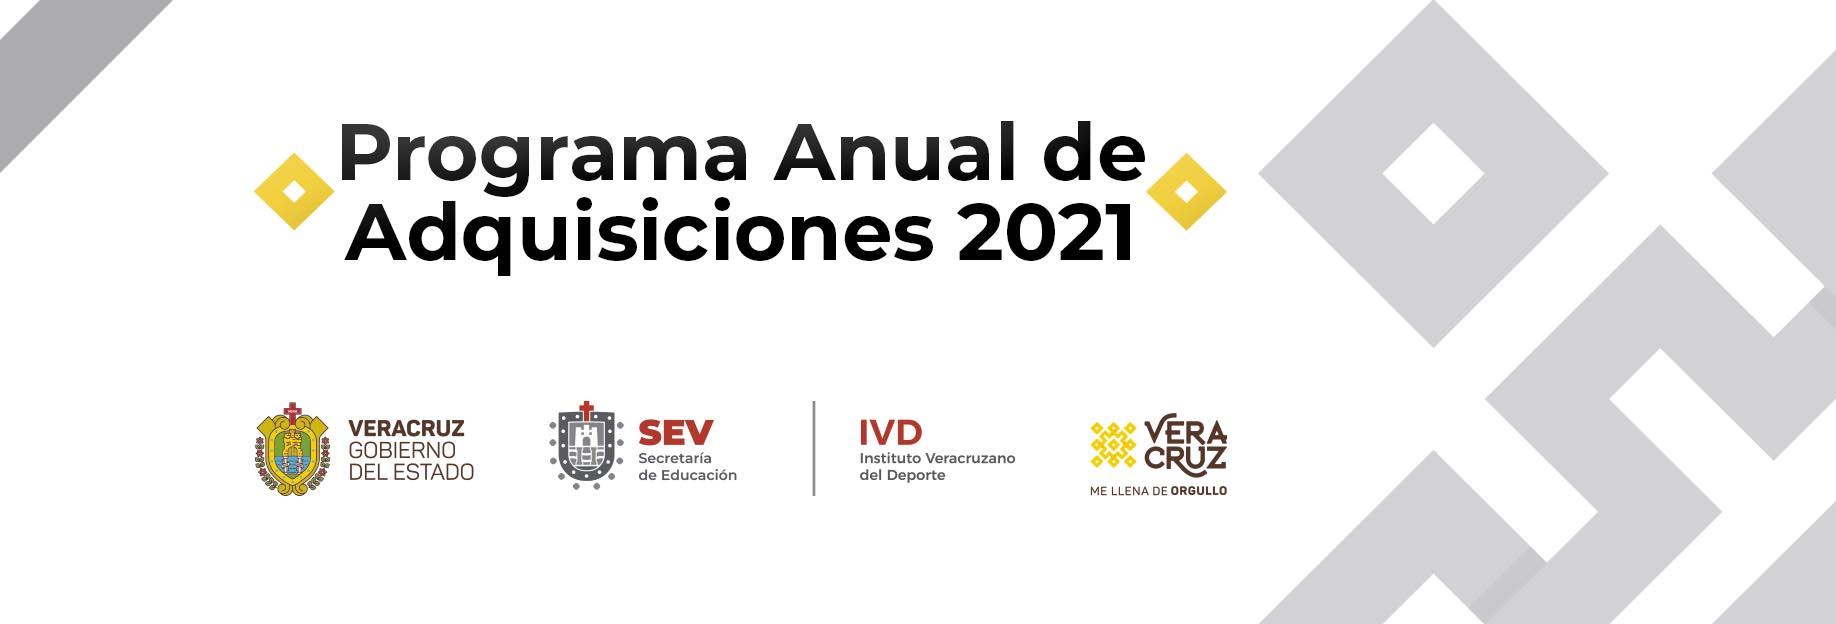 Slider Comunicado Programa Anual 2021